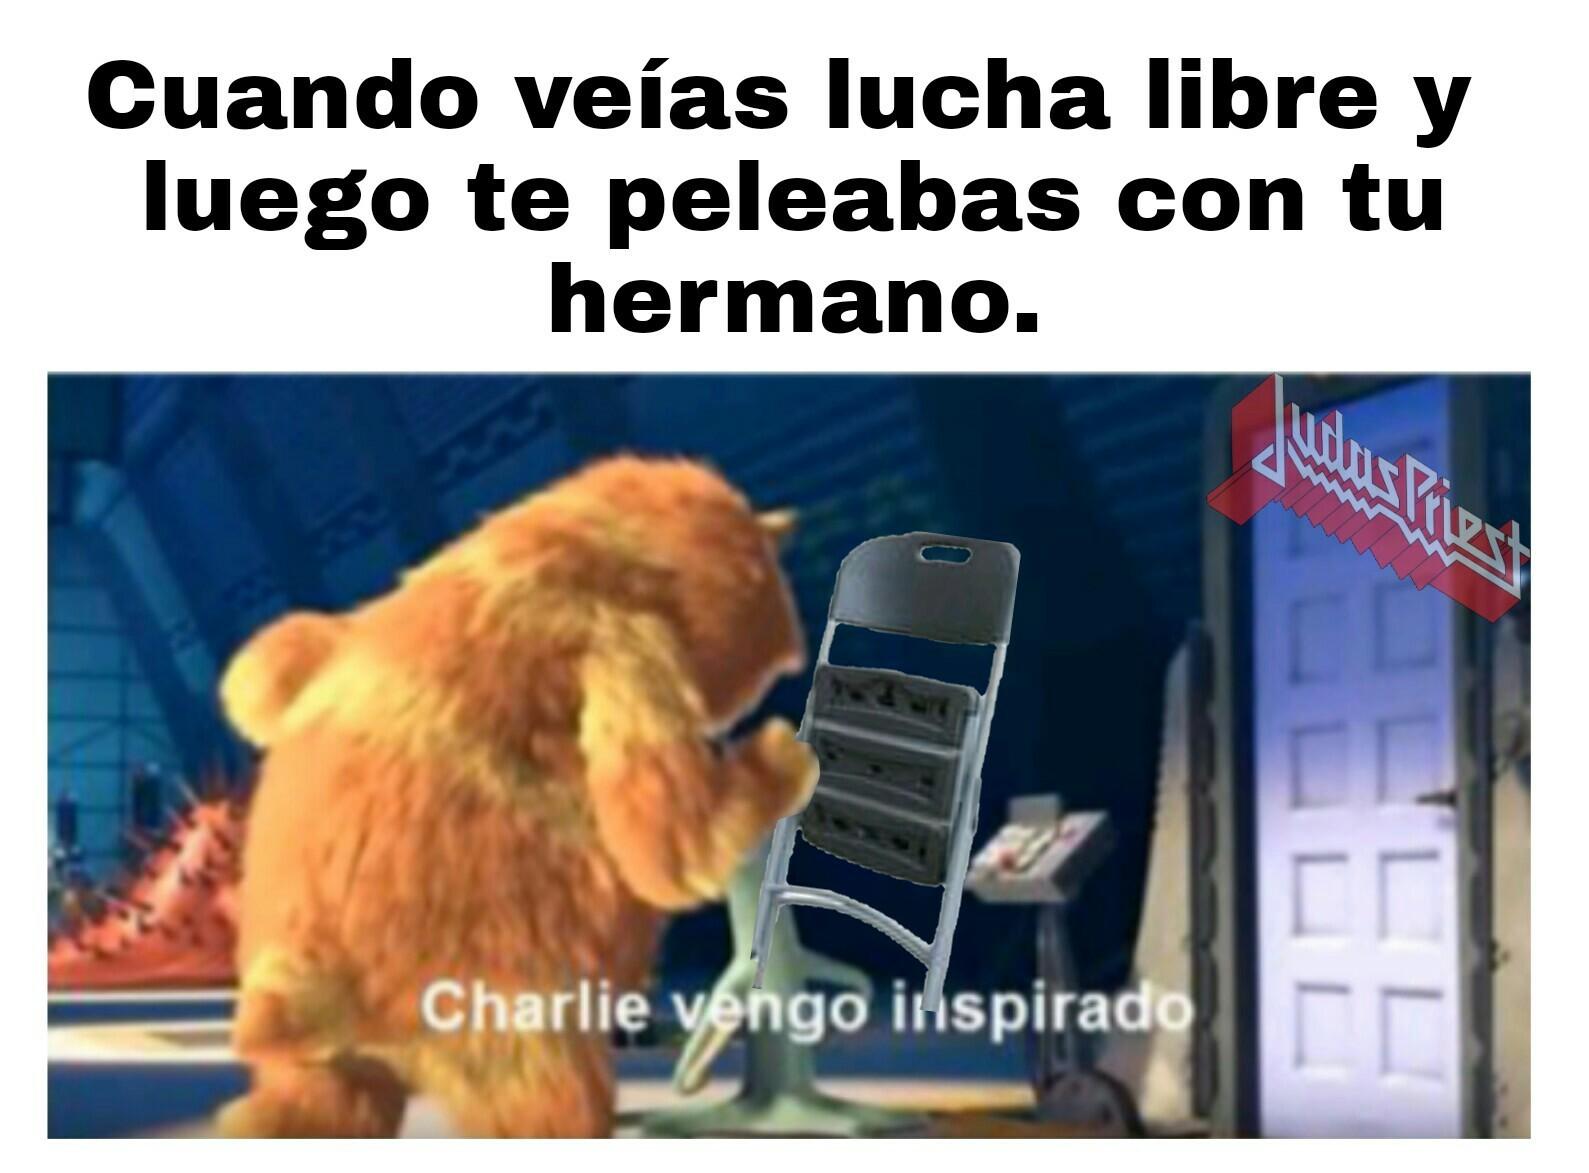 Con la silla! - meme